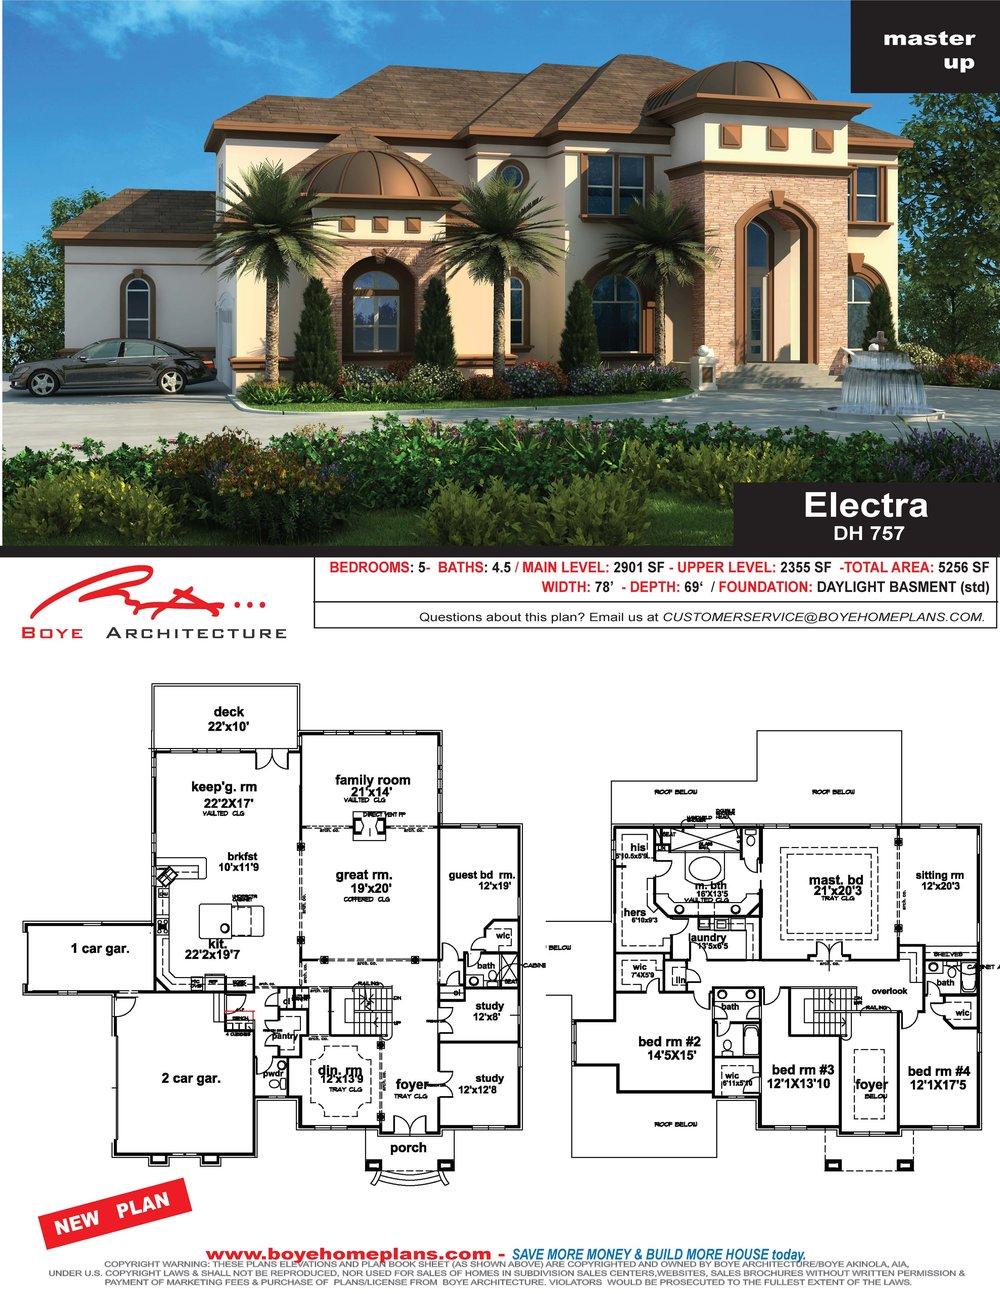 ELECTRA PLAN PAGE-DH757-102116.jpg